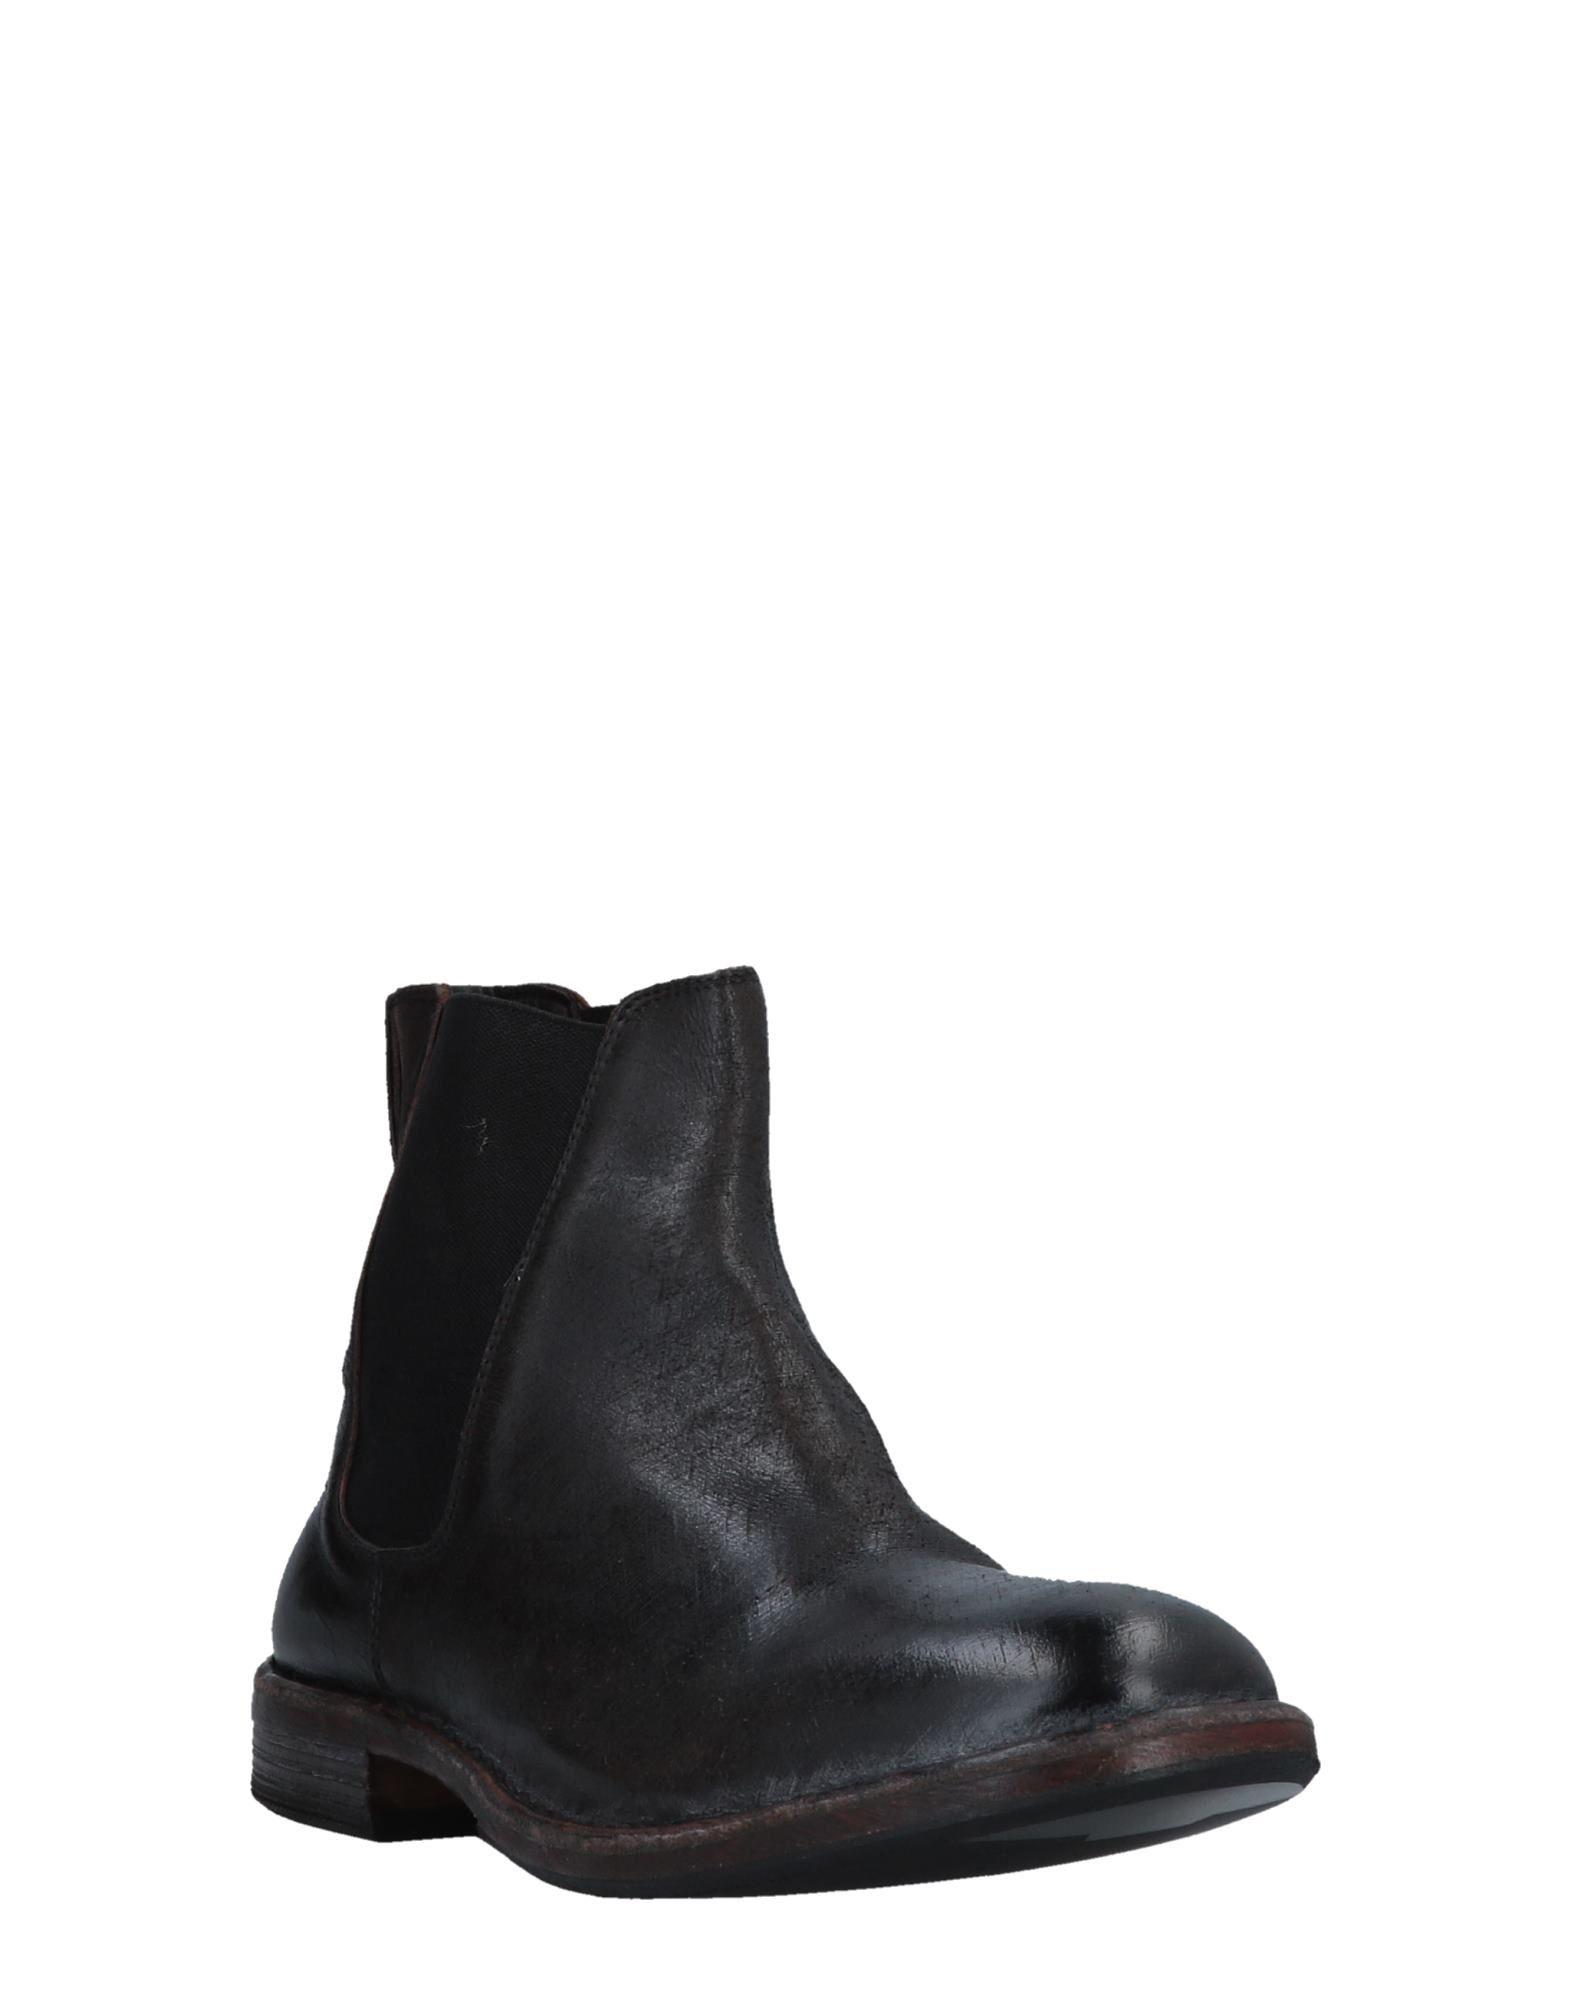 Haltbare Mode Heiße billige Schuhe Moma Stiefelette Herren  11512786GK Heiße Mode Schuhe 633e22